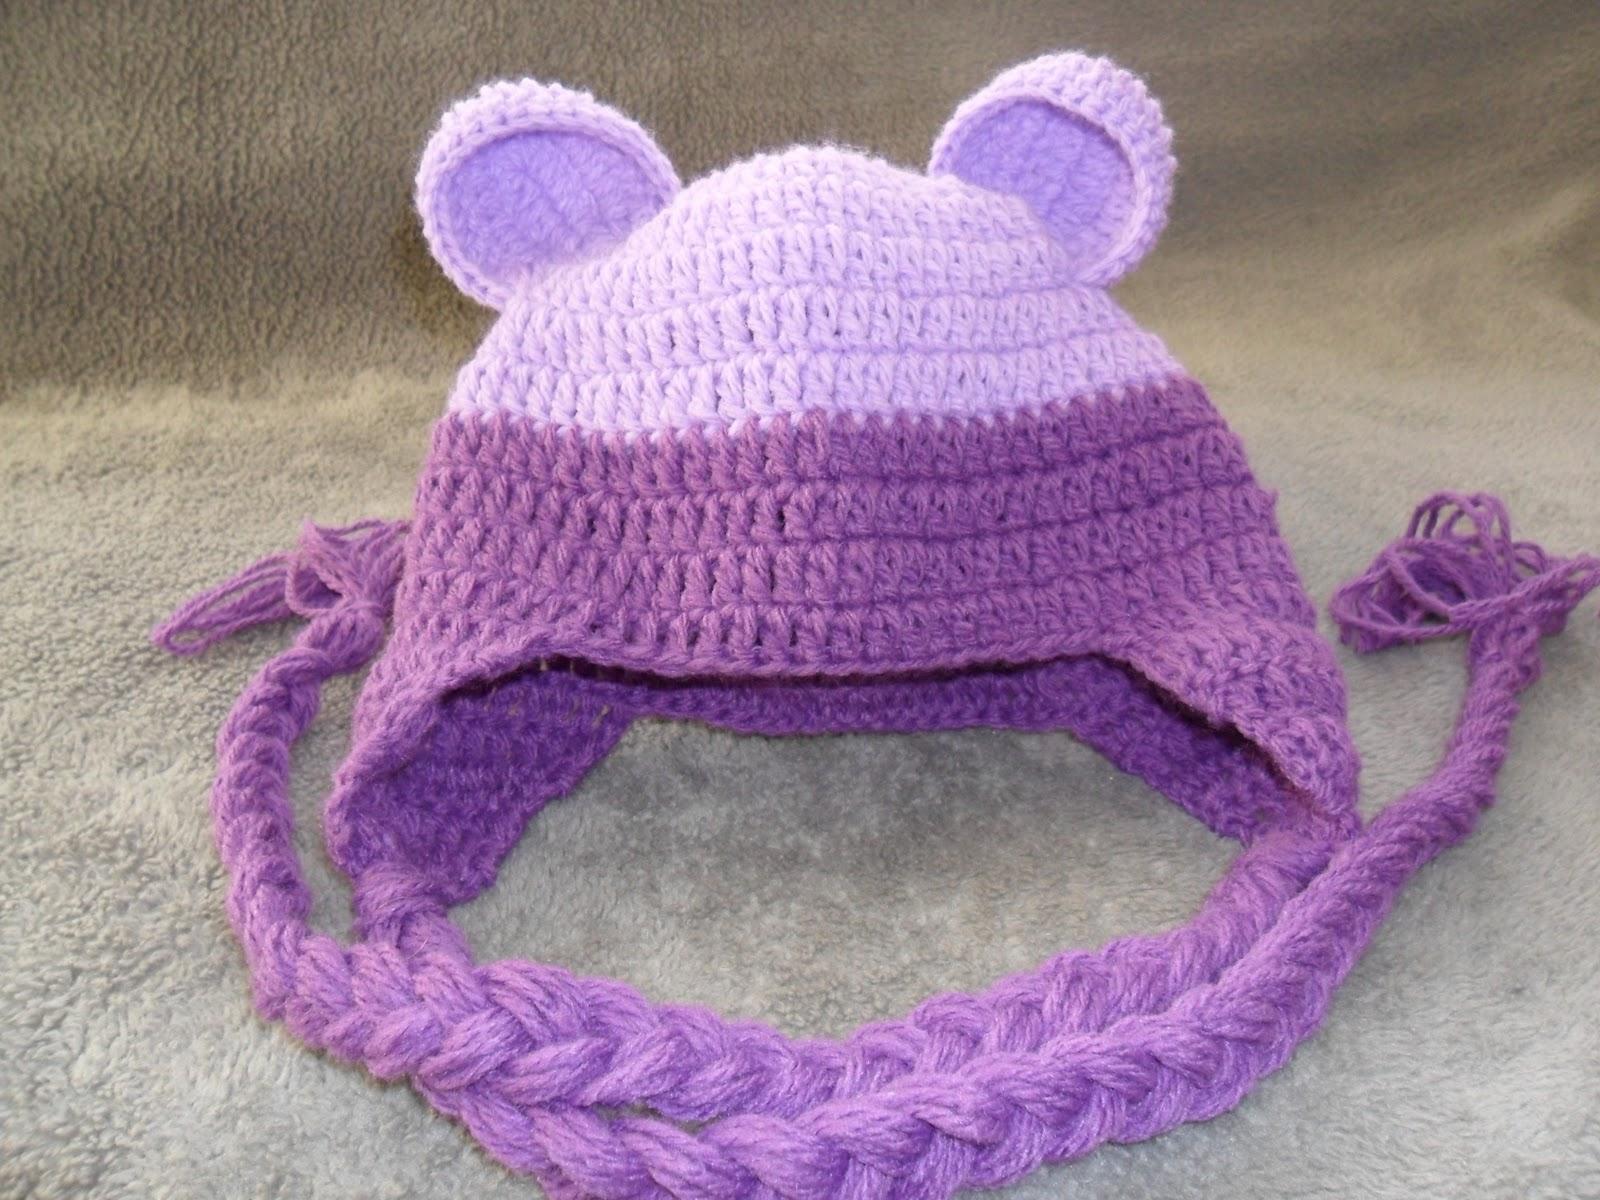 Como colocar tranças em toucas de crochê para bebês - Ateliê do Crochê 5e72f076204